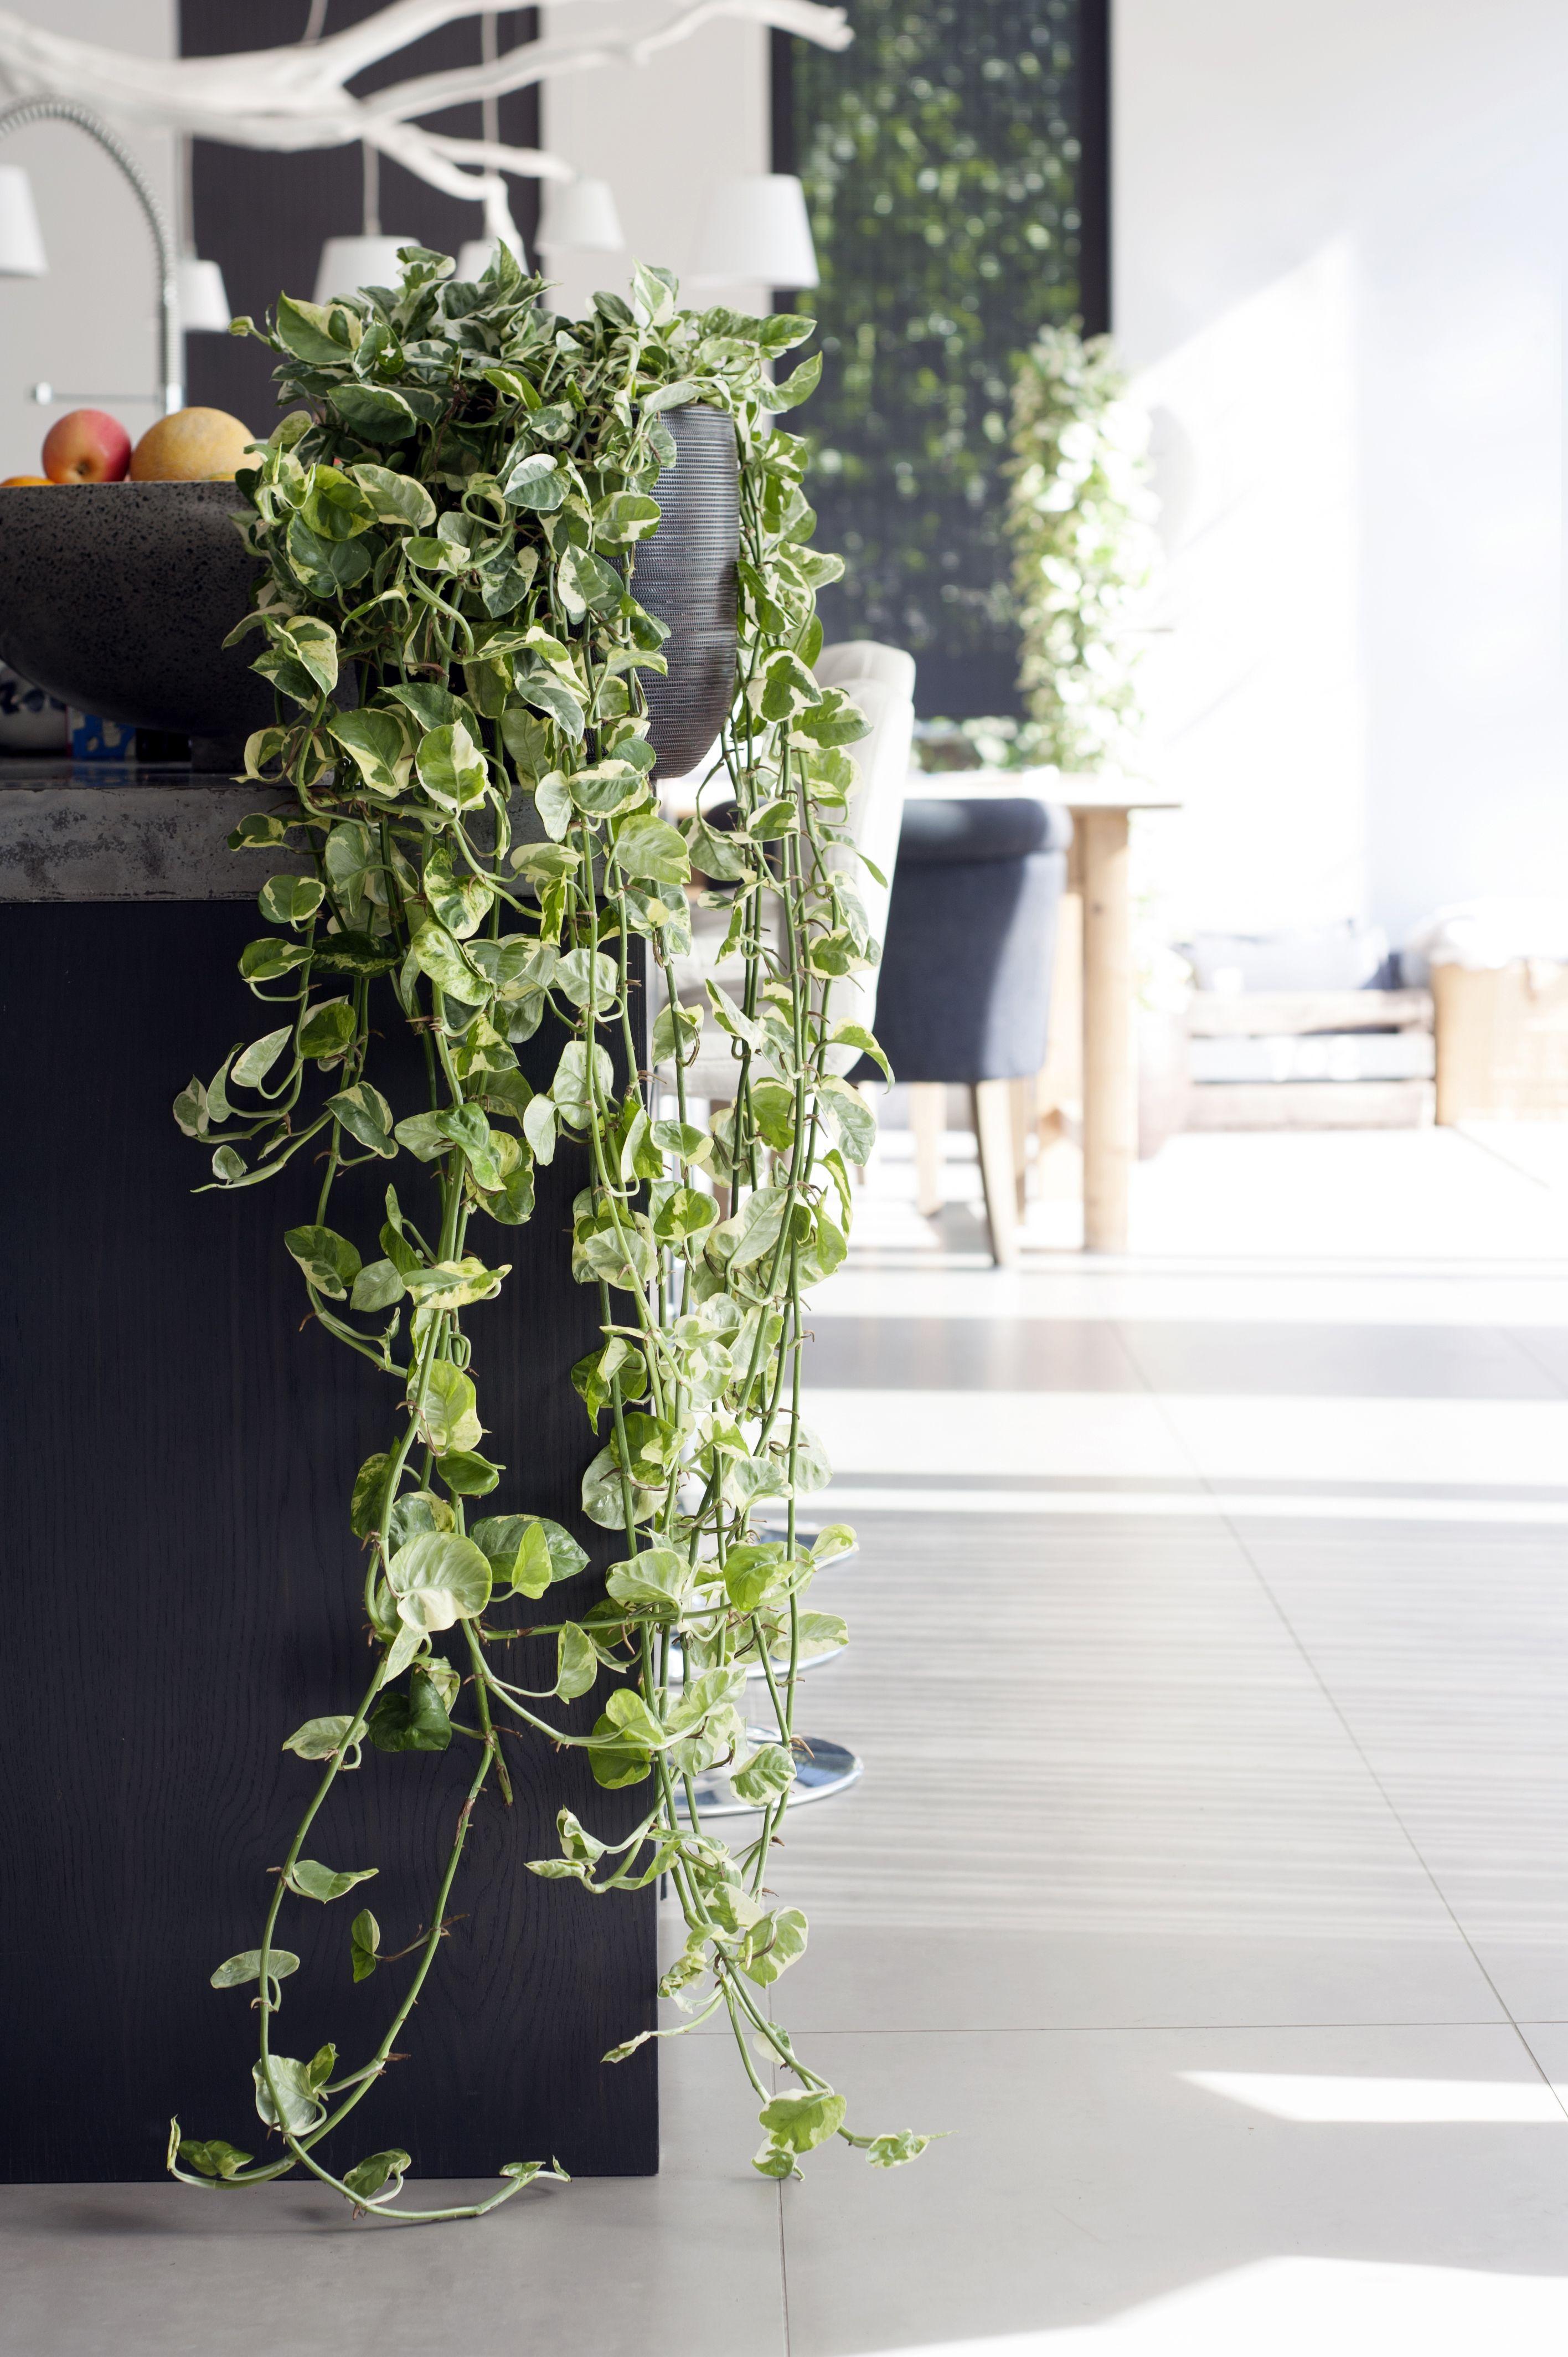 Zimmerpflanzen tipp die efeutute epipremnum pinnatum plants and green walls - Zimmerpflanzen hangend ...